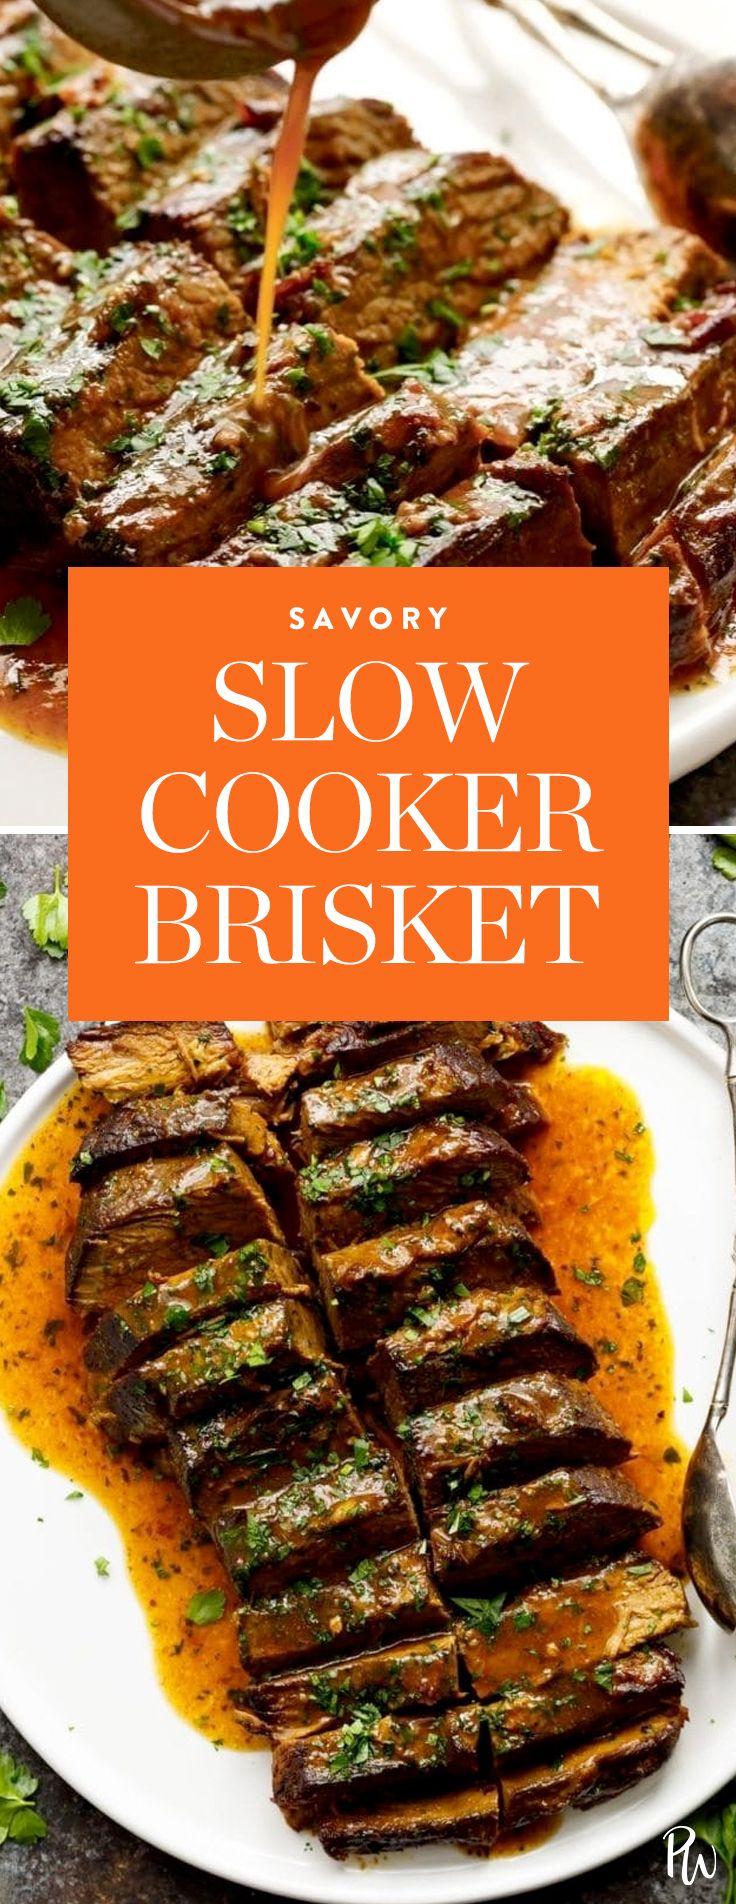 Slow Cooker Brisket.